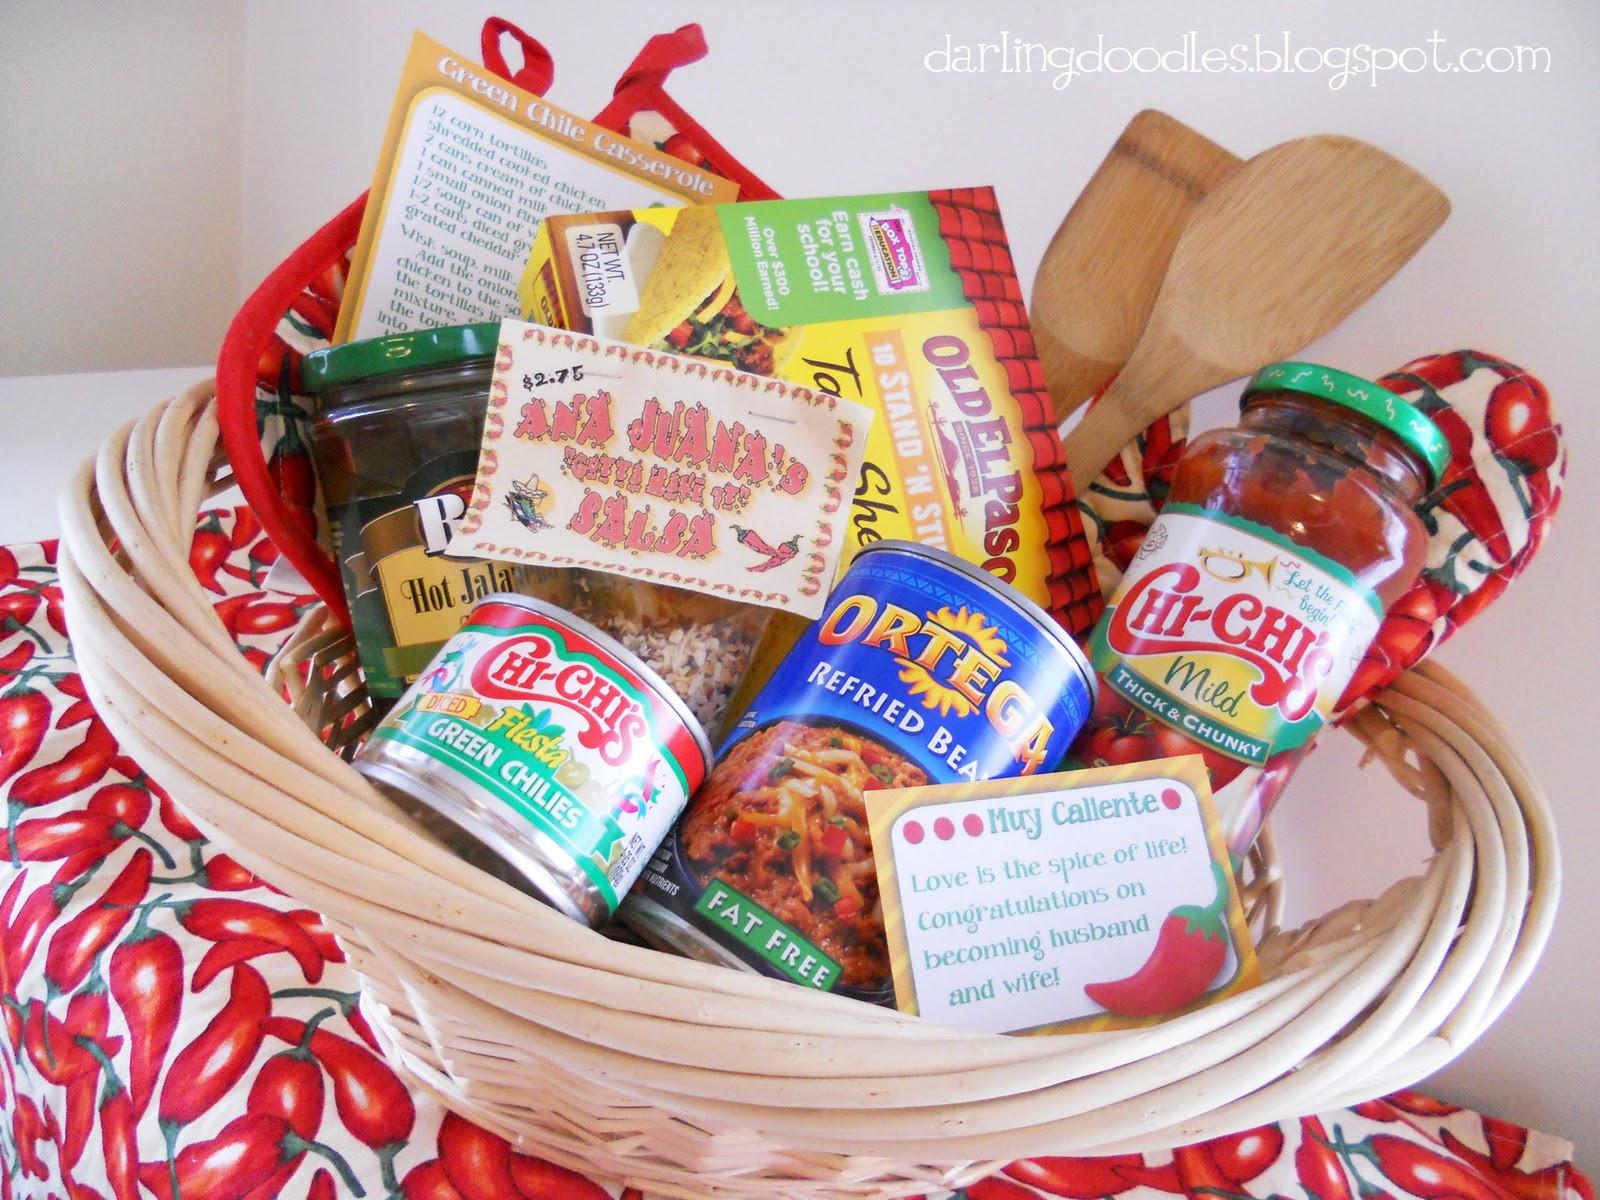 Food Gift Basket Ideas  ¡Está delicioso Darling Doodles